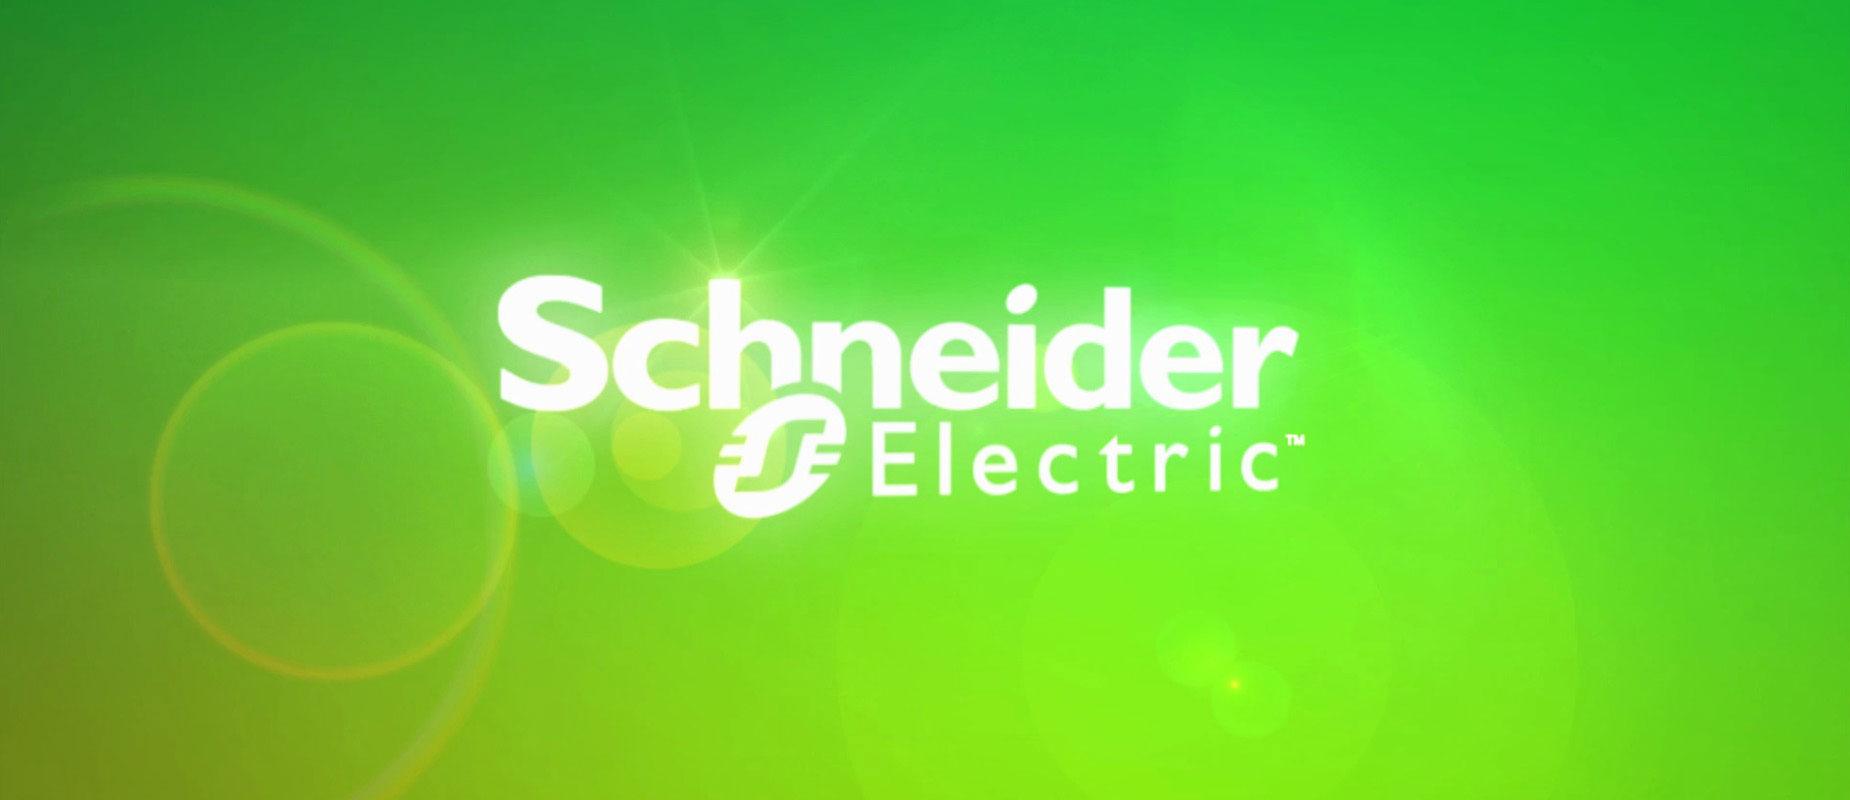 تاریخچه اشنایدر الکتریک (Schneider Electric)